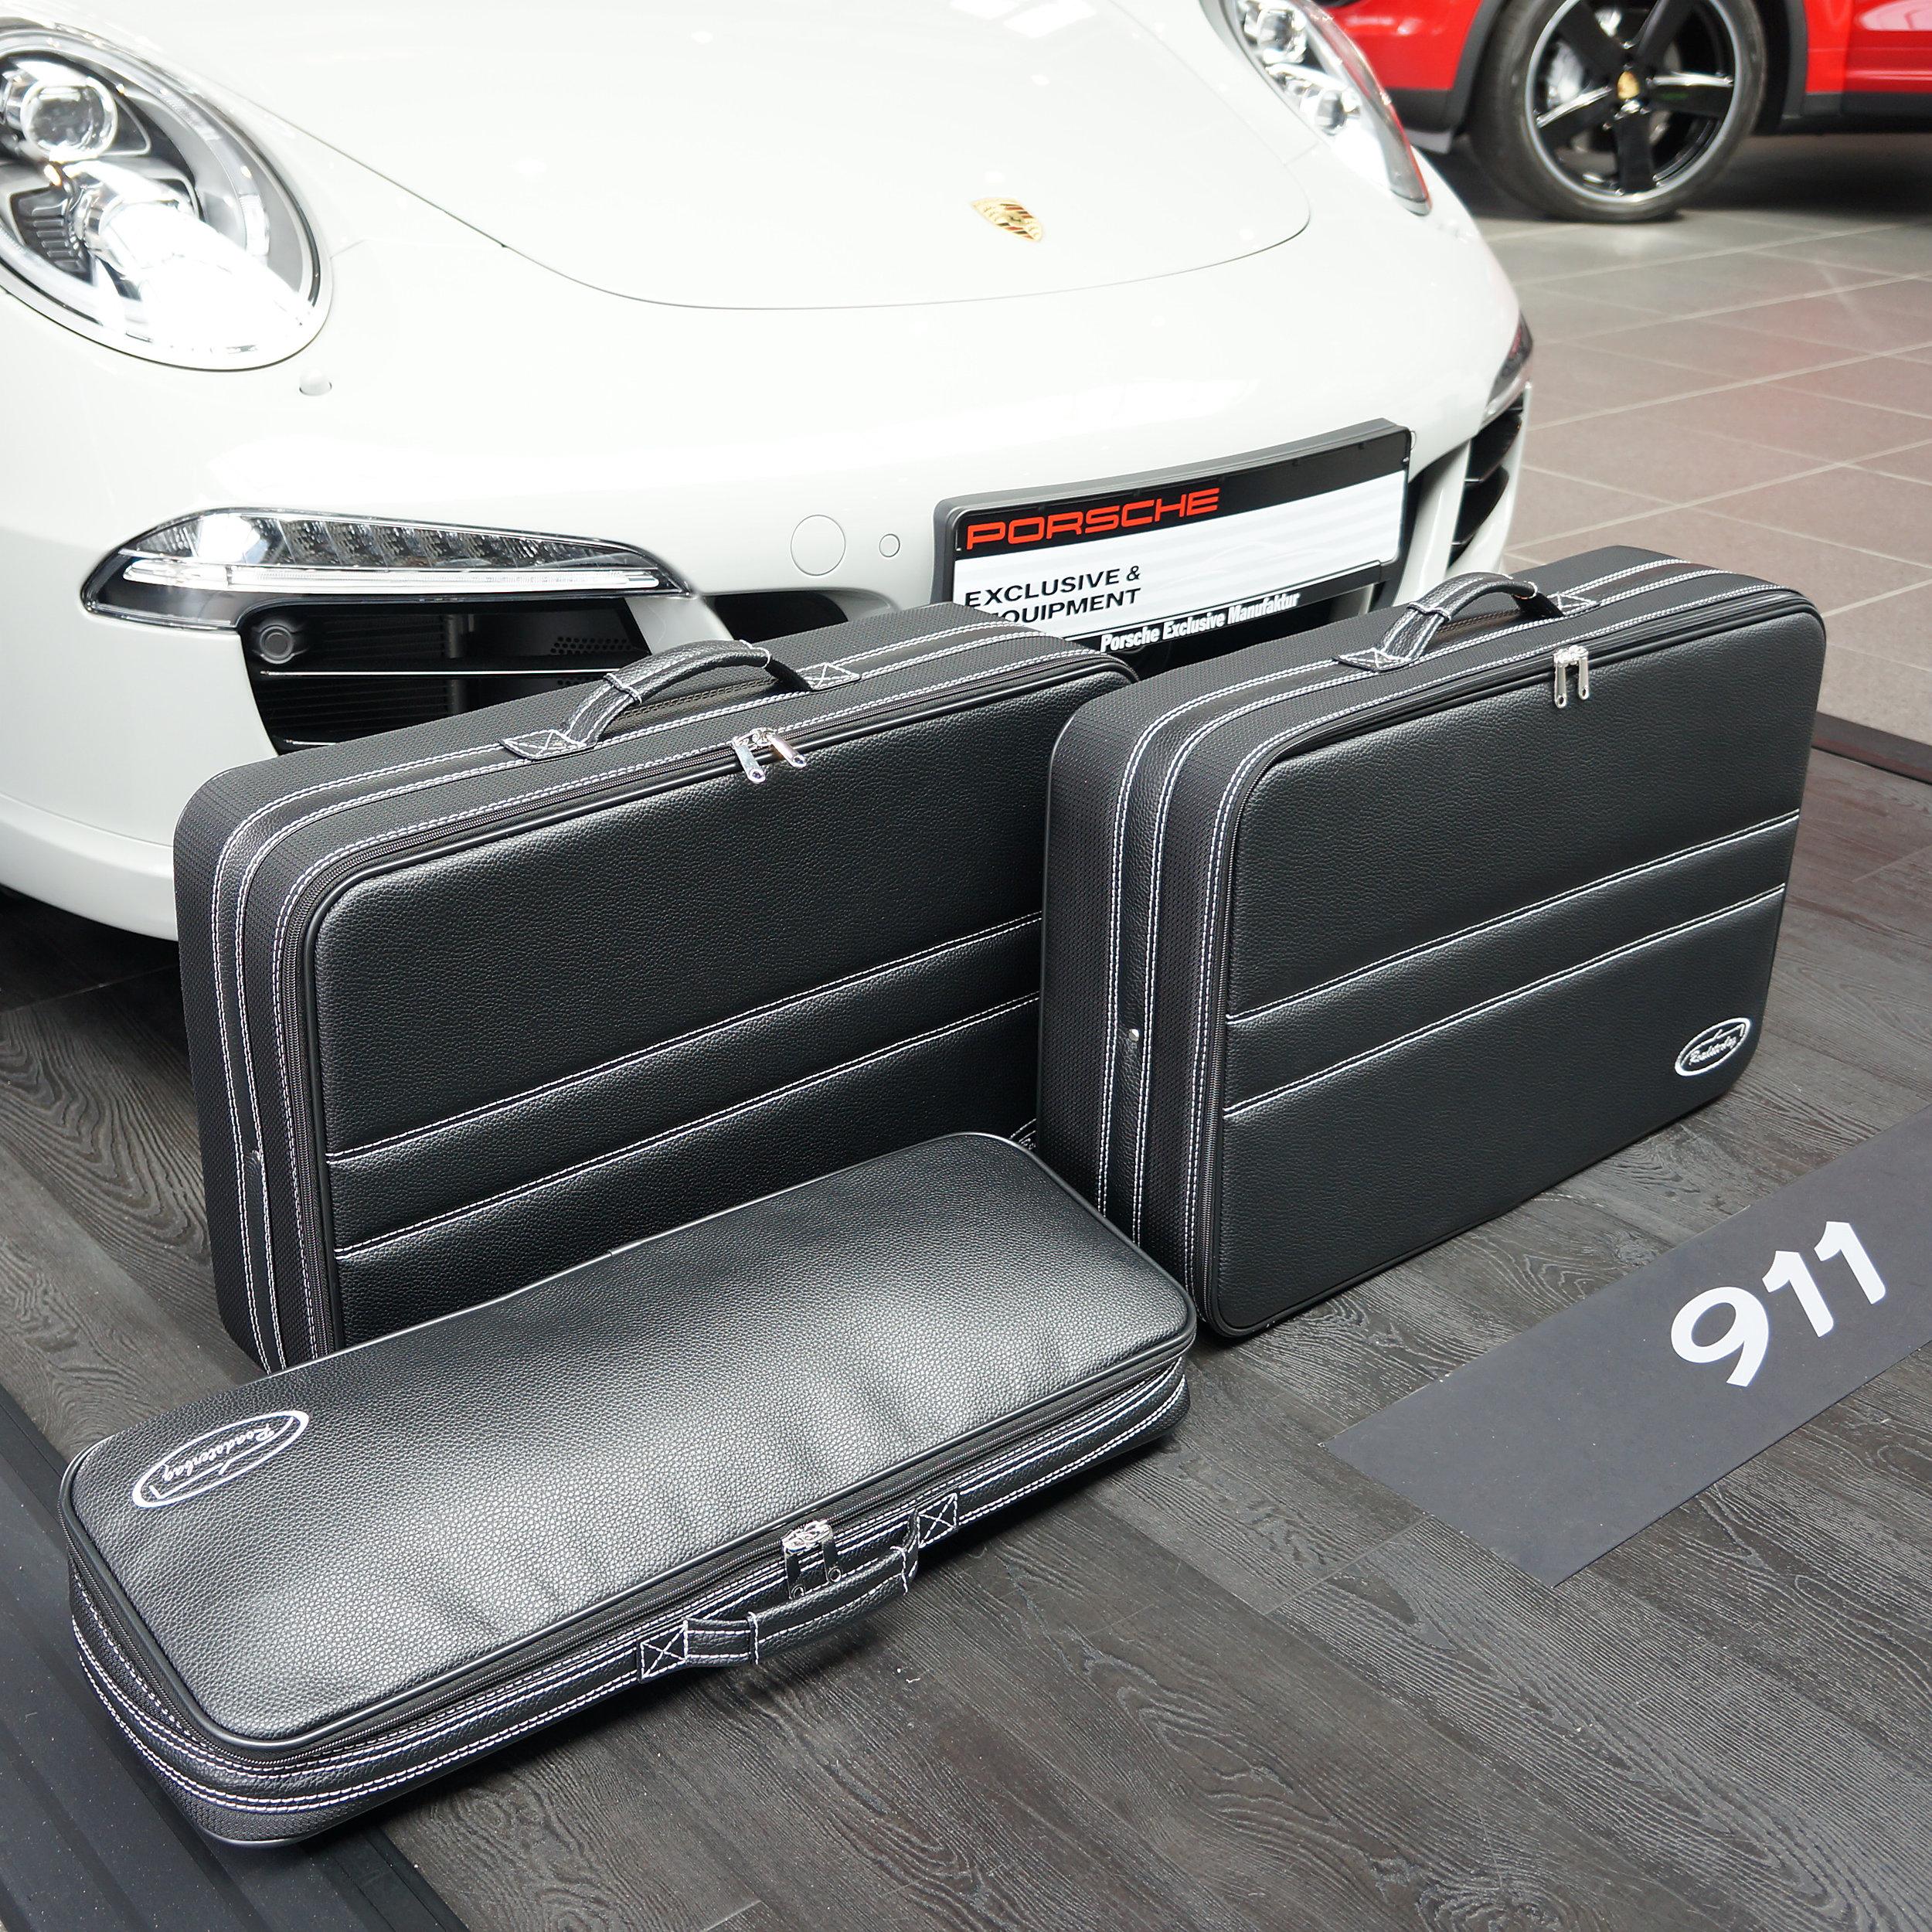 3-tlg. Kofferset Porsche 911 (991) Allrad/Turbo 101 Liter